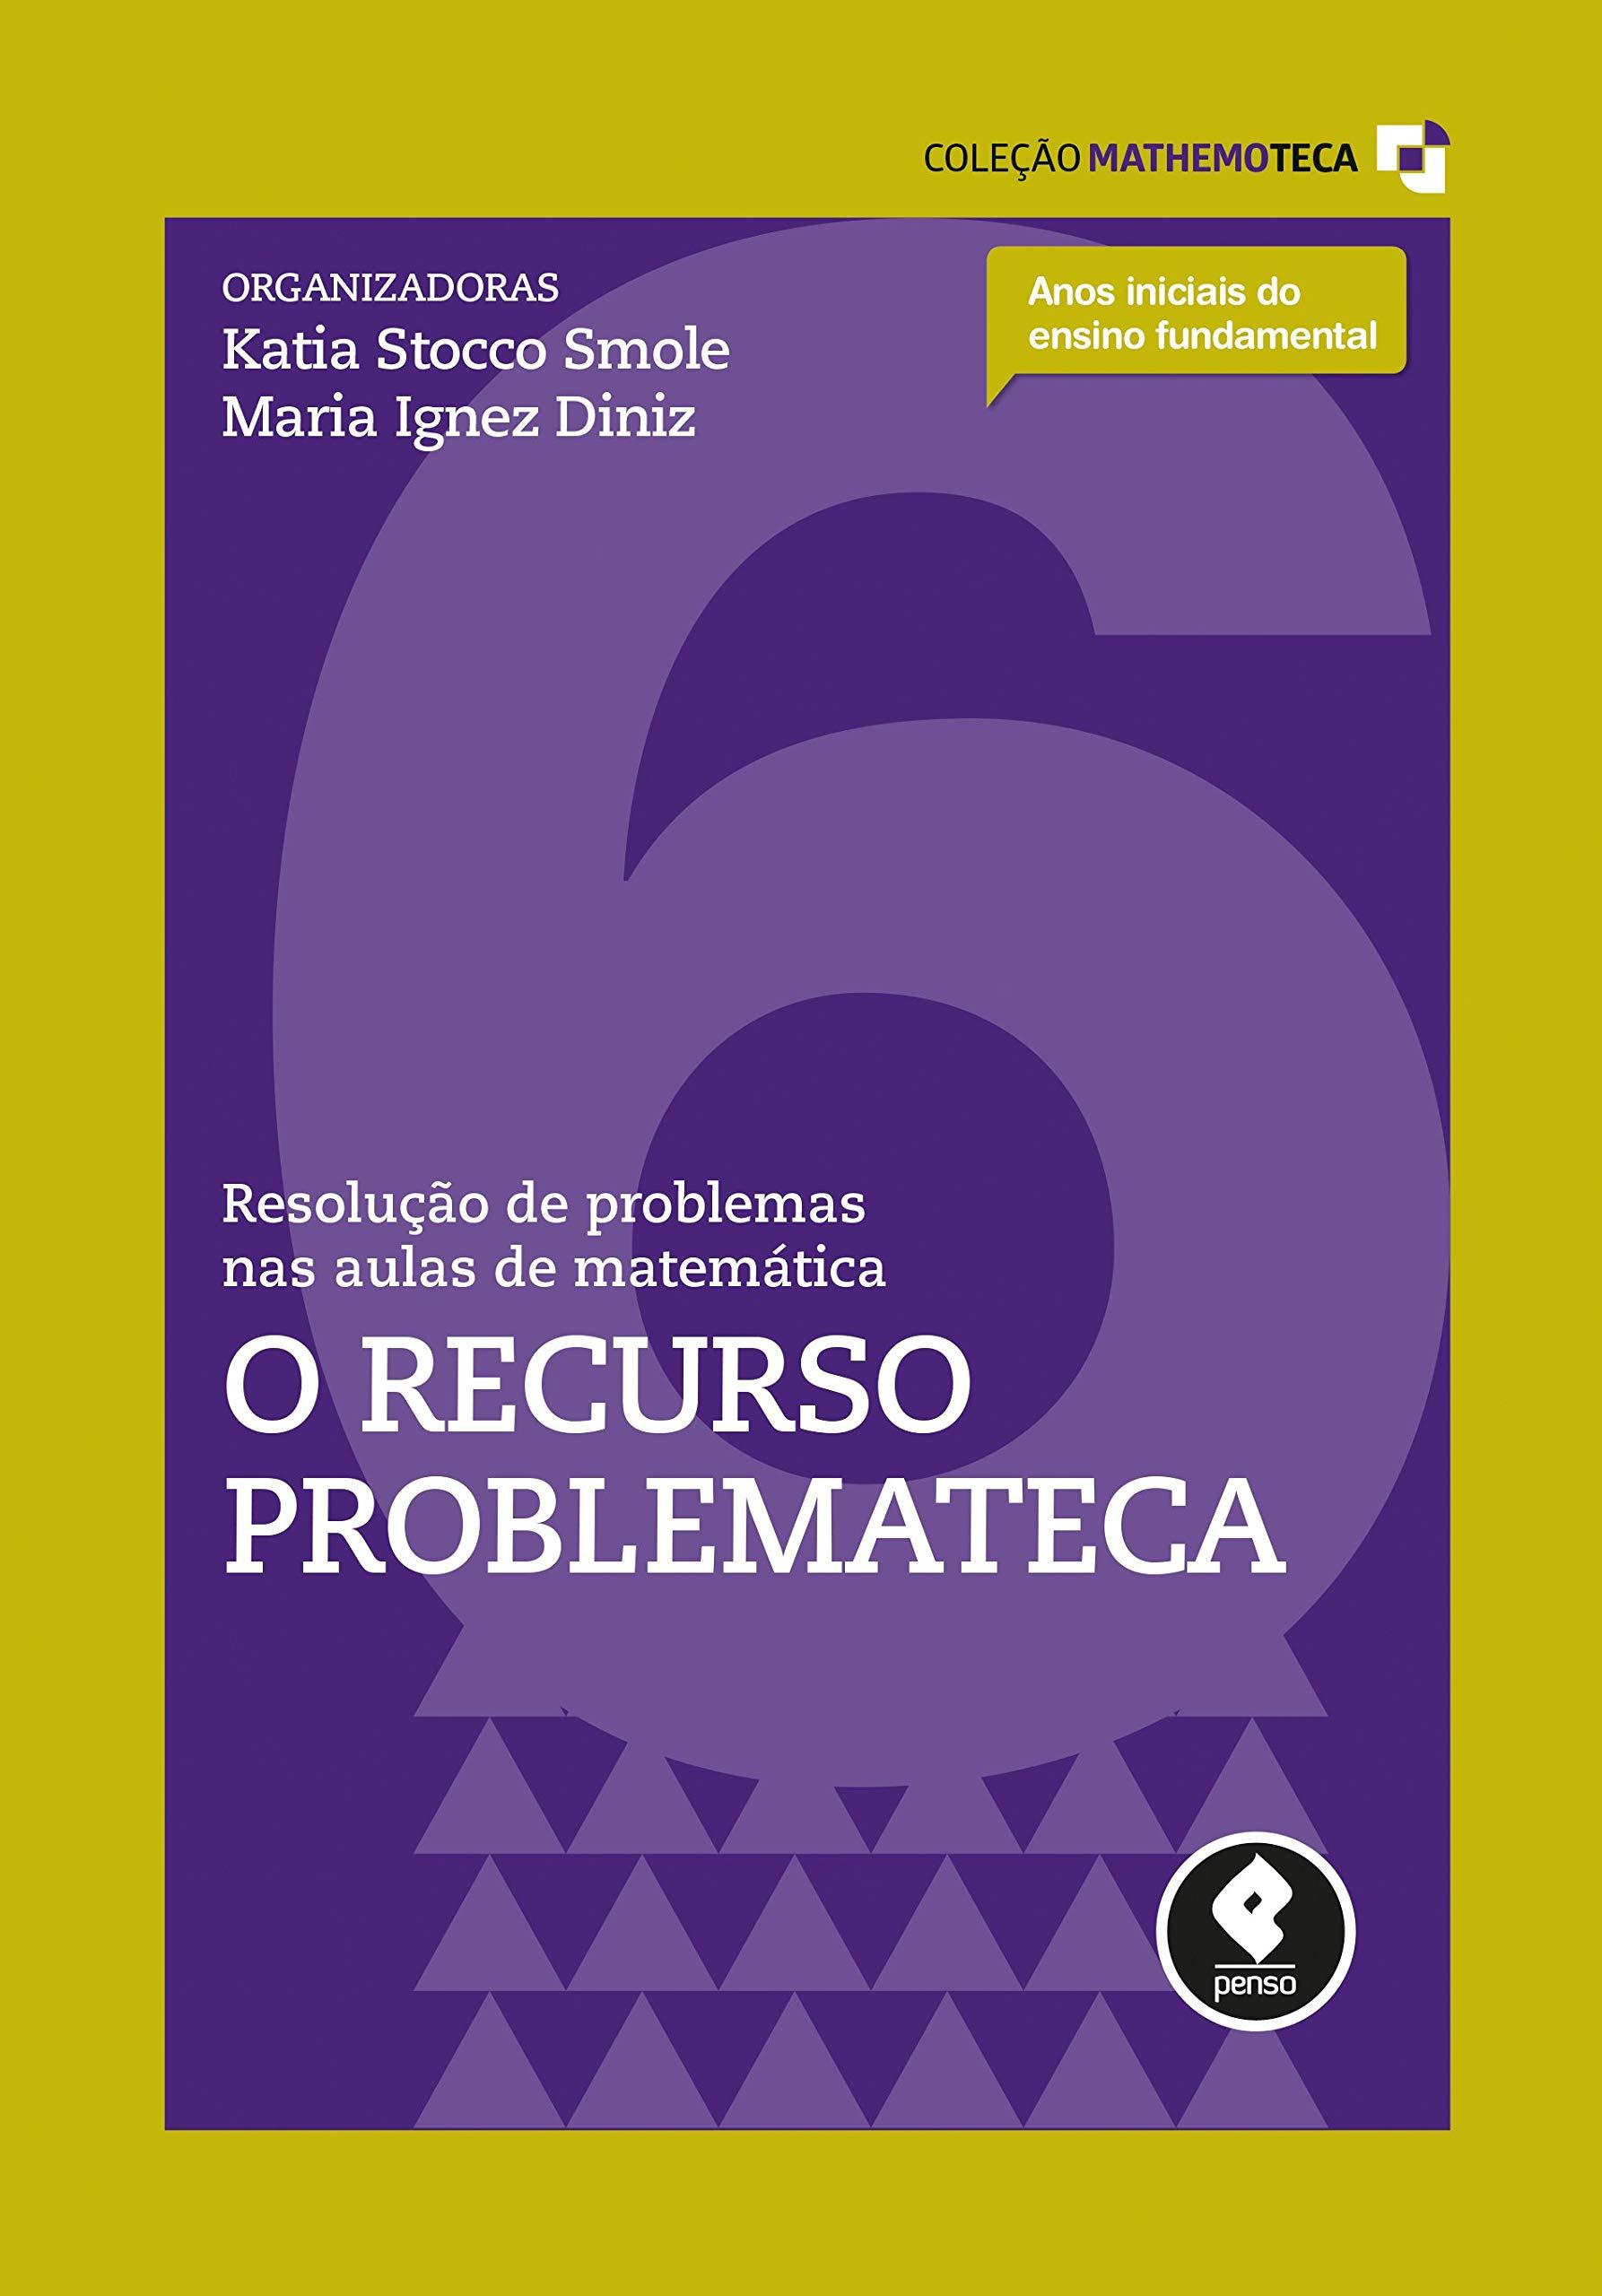 Resolucao De Problemas Nas Aulas De Matematica O Recurso Problemateca Vol 6 Colecao Mathemoteca Katia Stocco Smole 9788584290802 Amazon Com Books